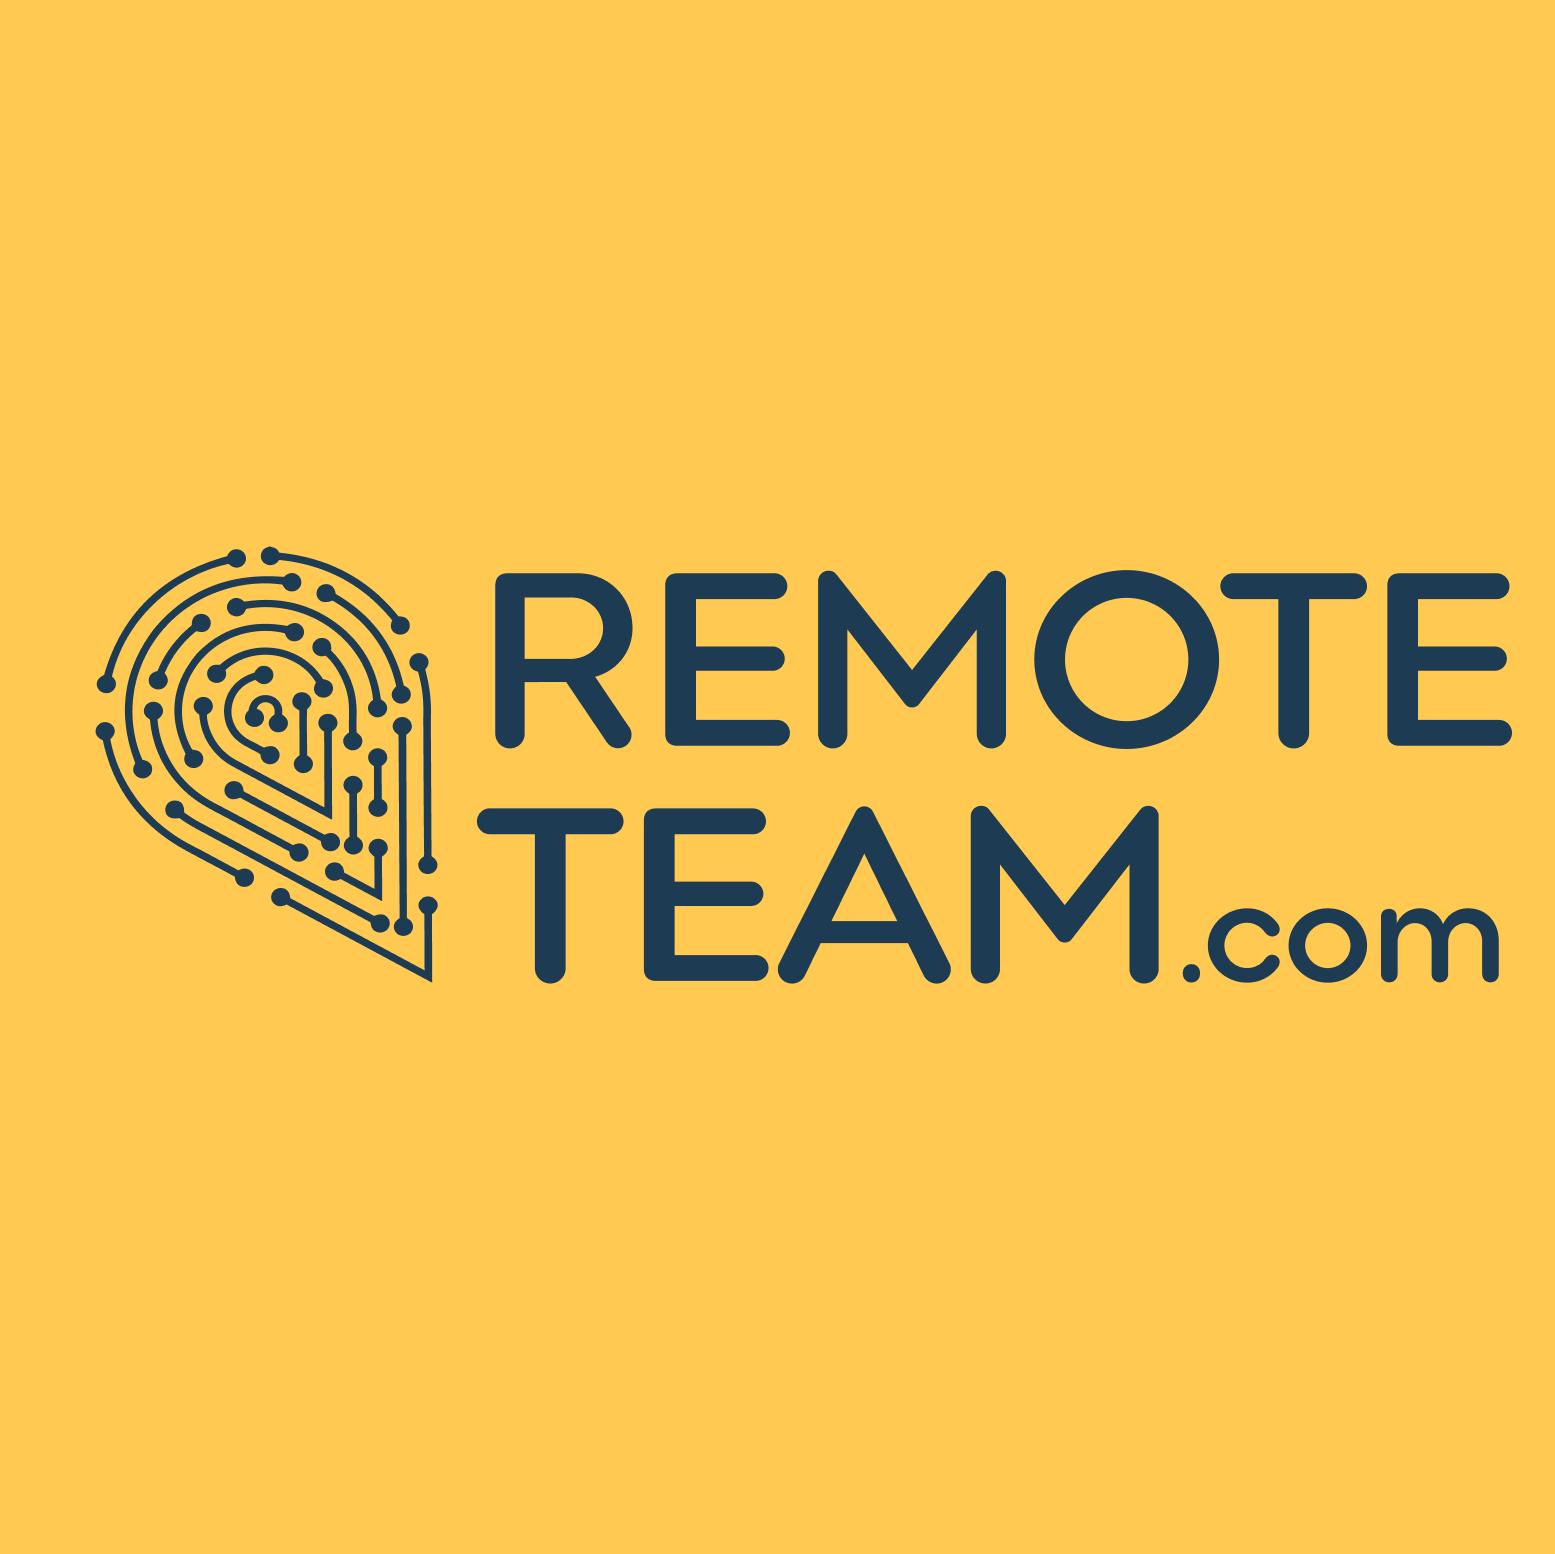 Remote Team | 2 Months Free